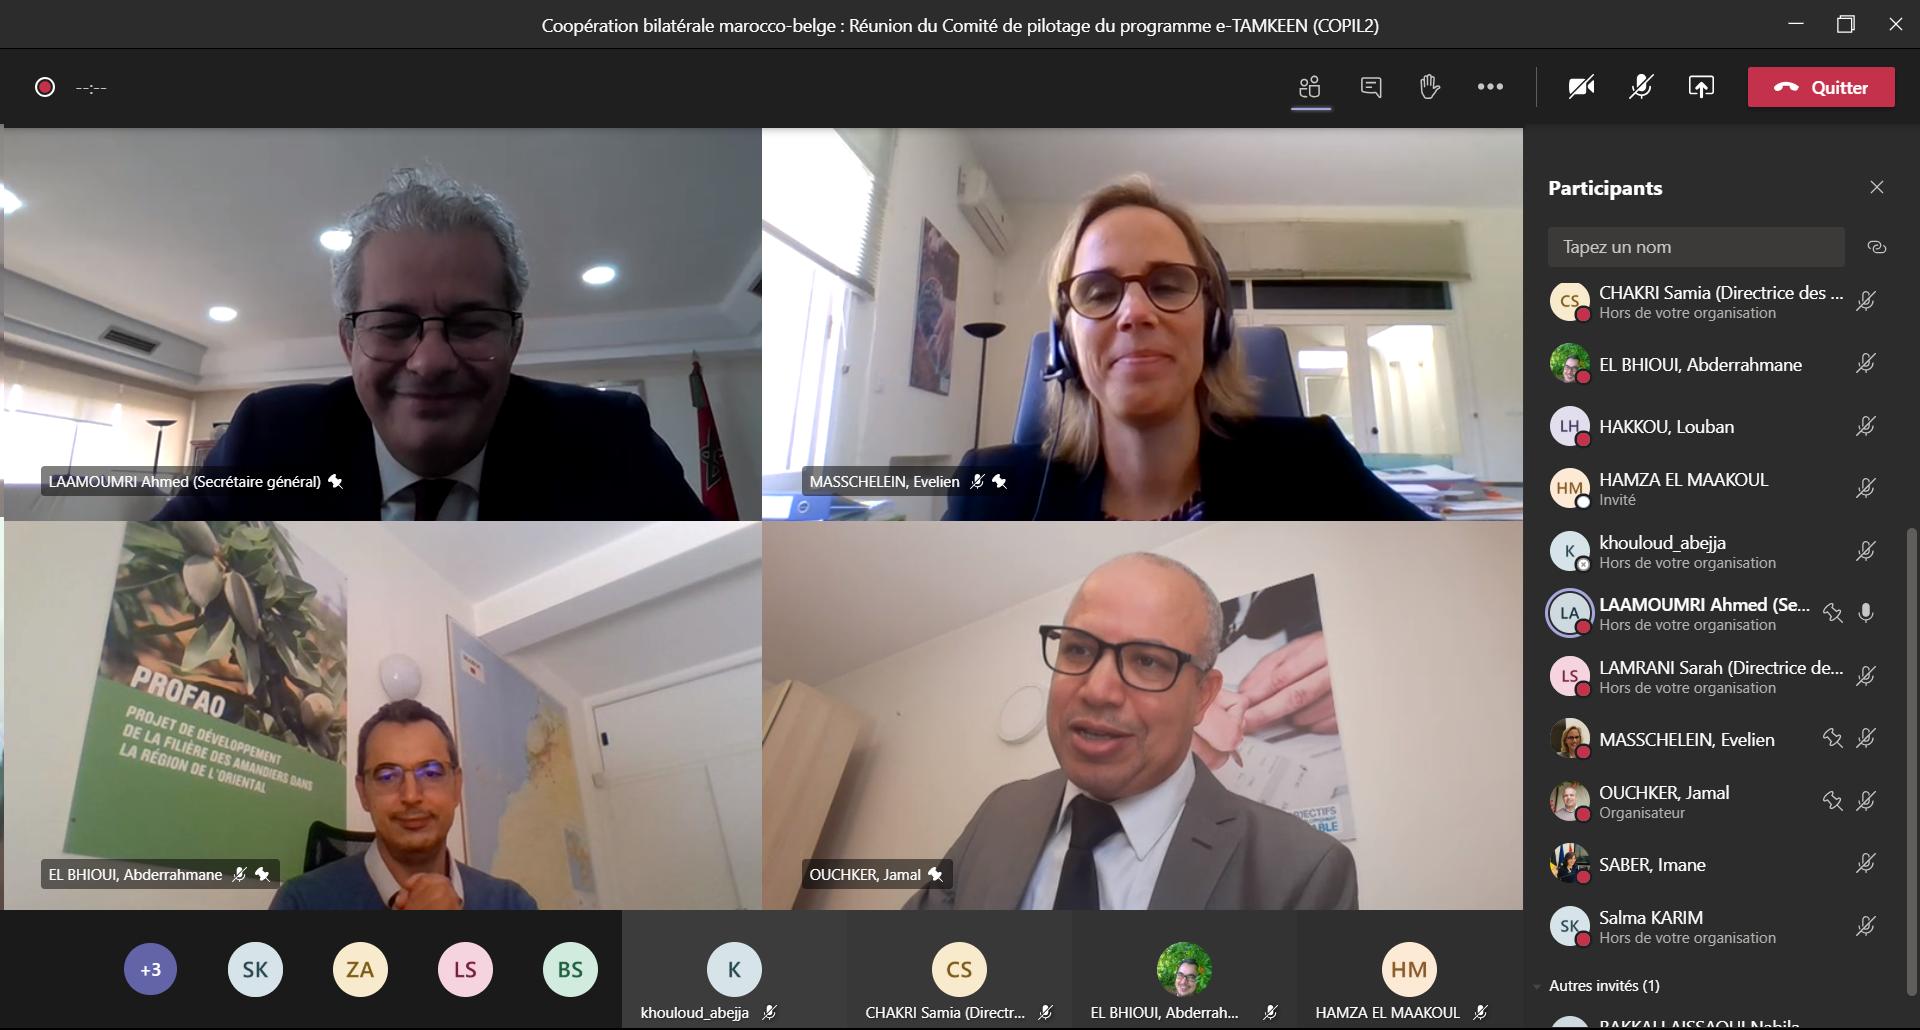 Réunion du 2ème comité de pilotage du programme e-TAMKEEN - Maroc